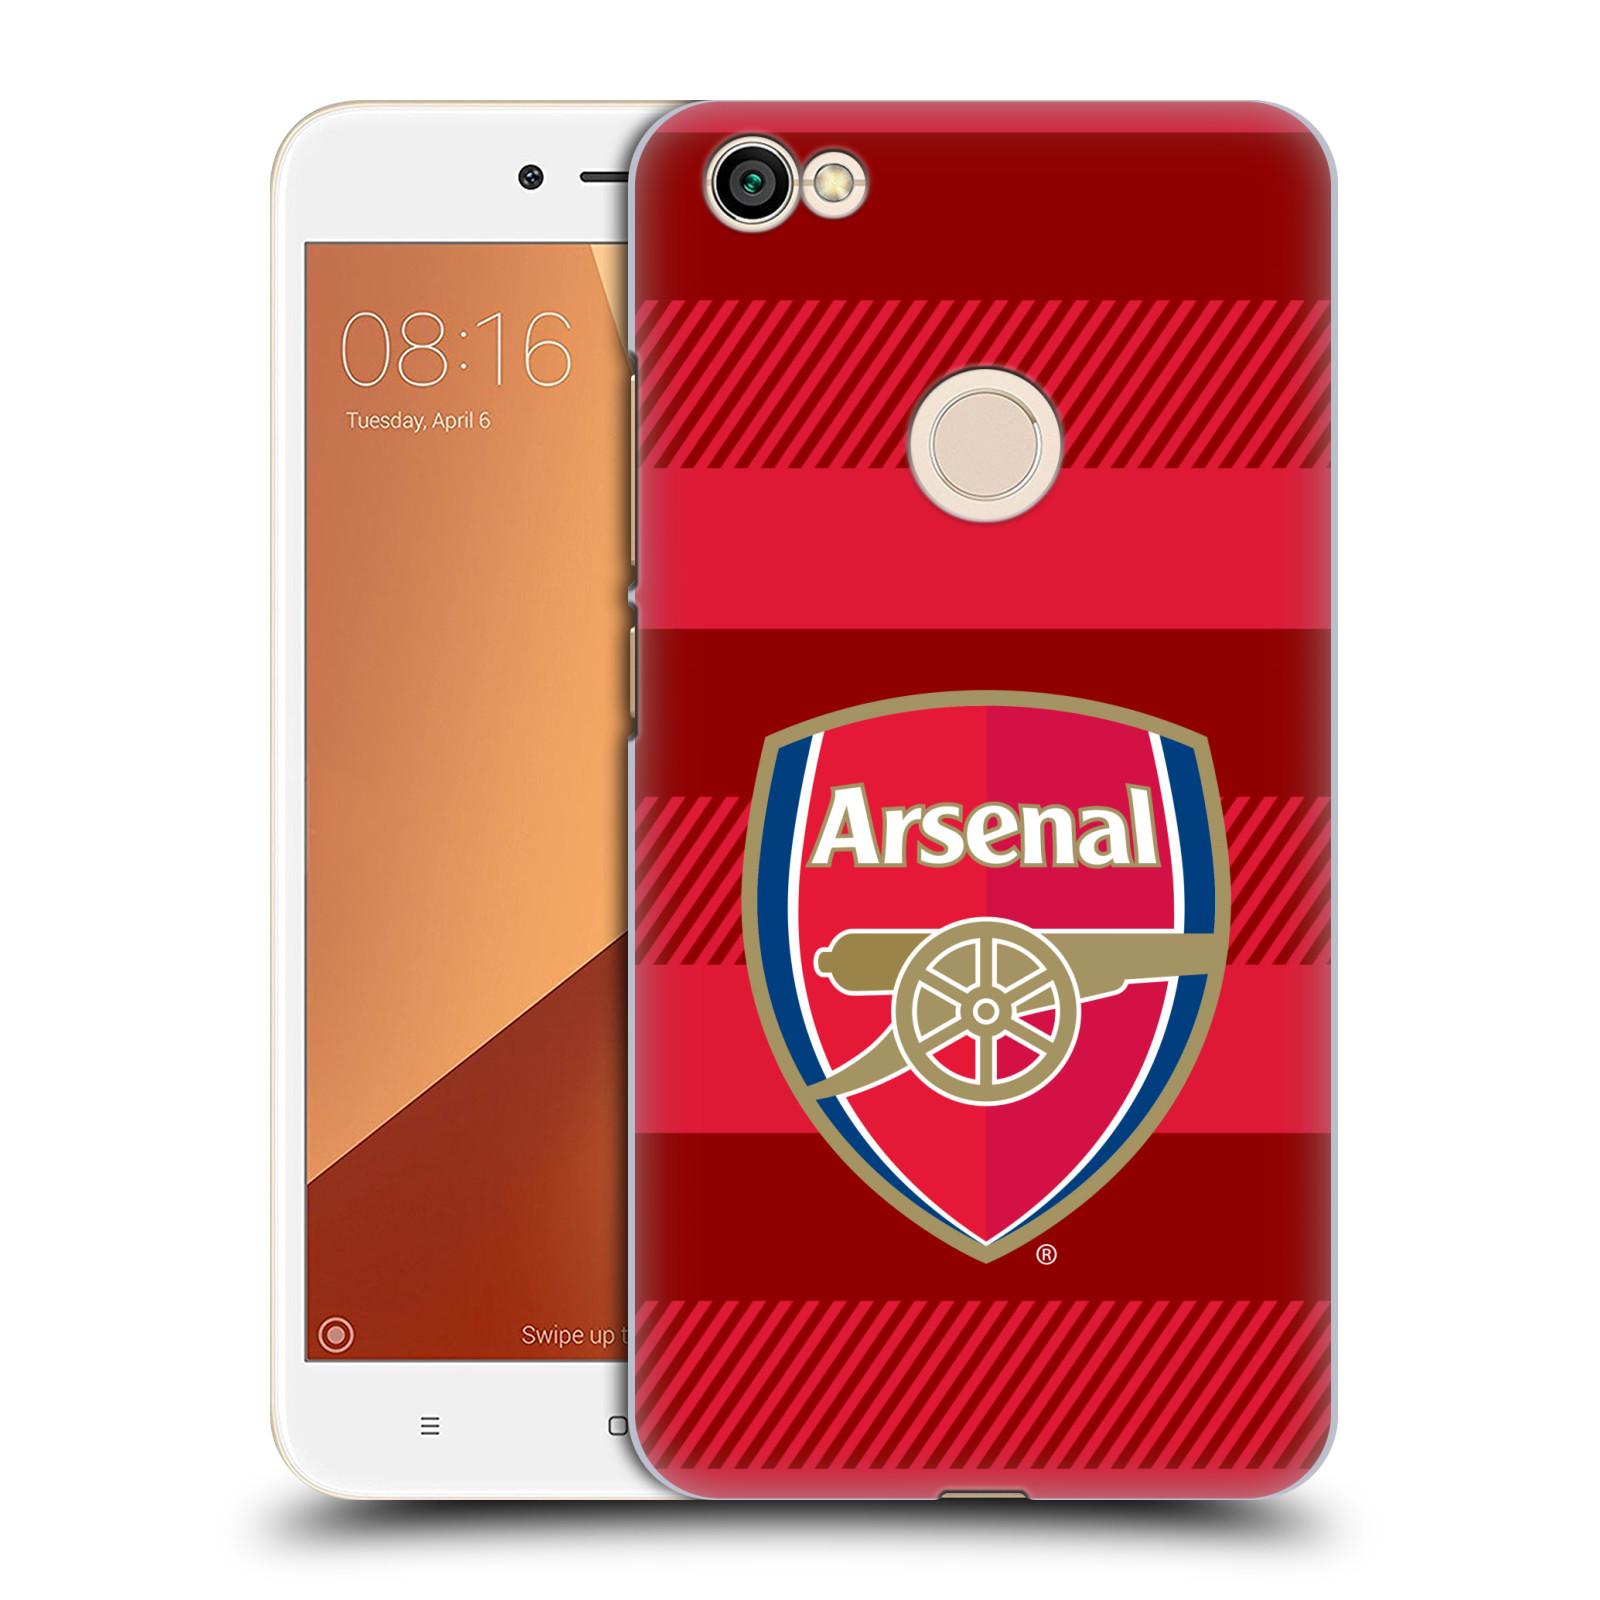 Plastové pouzdro na mobil Xiaomi Redmi Note 5A Prime - Head Case - Arsenal FC - Logo s pruhy